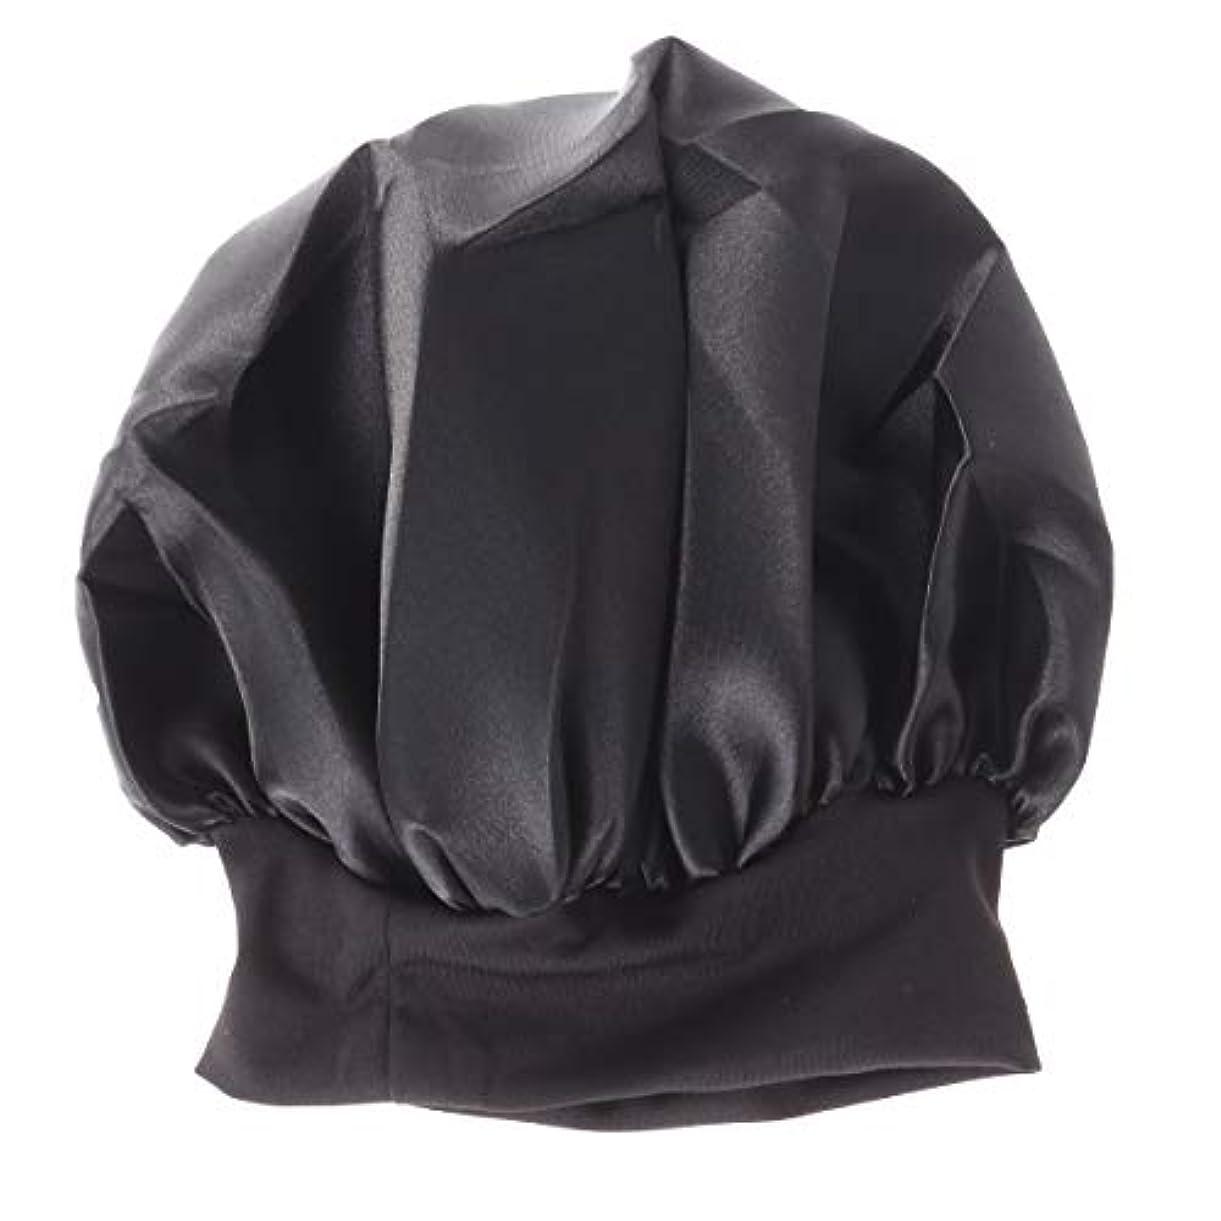 暴露ウォーターフロント反毒ROSENICE 56-58cmワイドサイド高レジリエンスナイトキャップスリーピングキャップサイズM(ブラック)